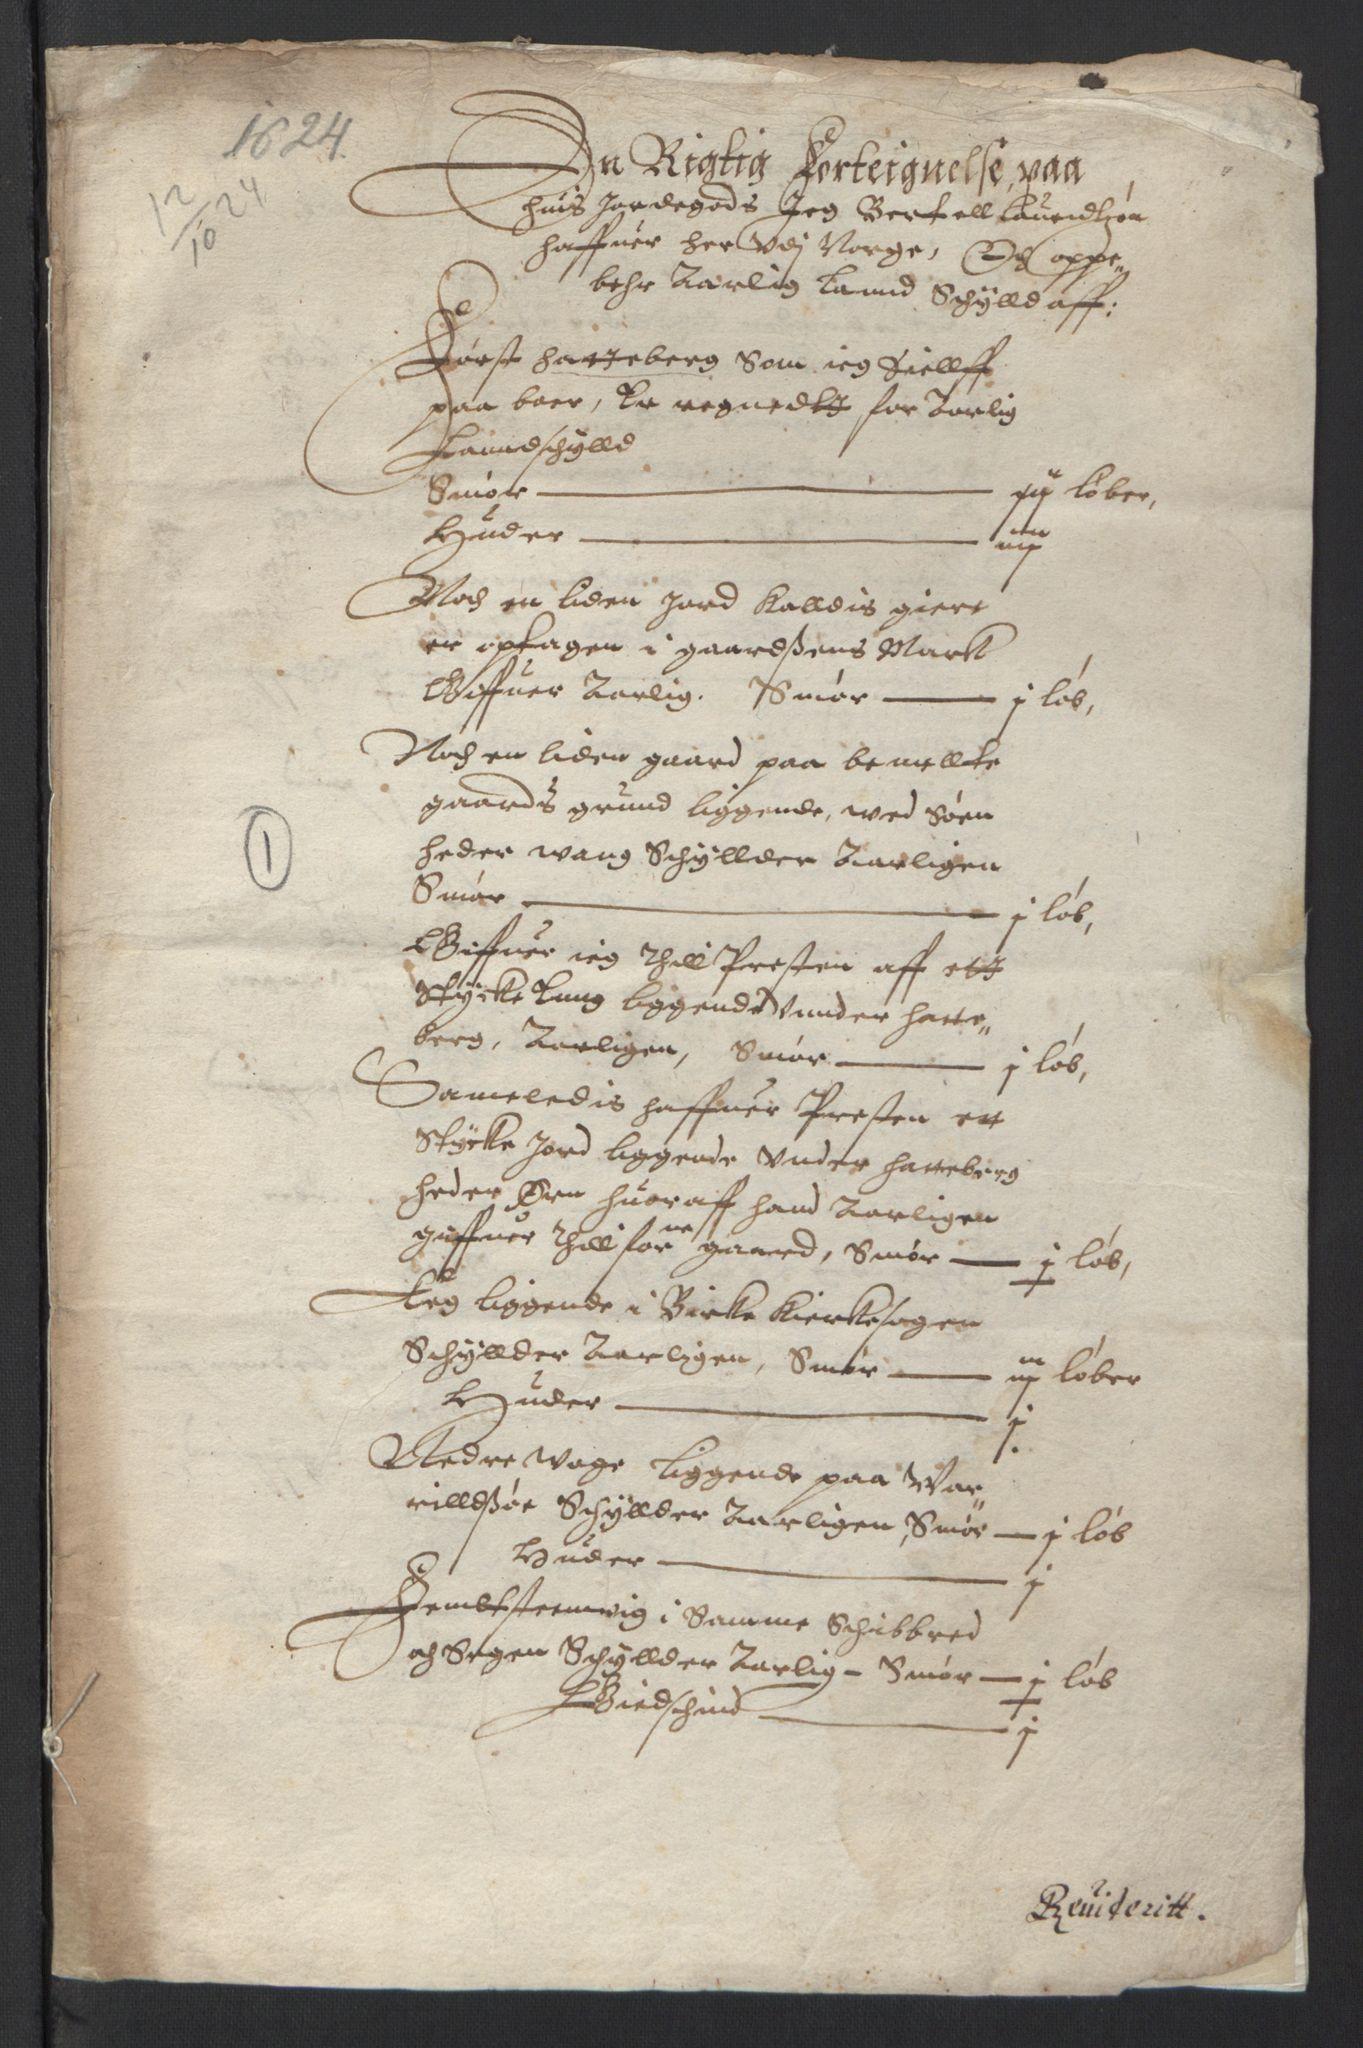 RA, Stattholderembetet 1572-1771, Ek/L0007: Jordebøker til utlikning av rosstjeneste 1624-1626:, 1624-1625, s. 221